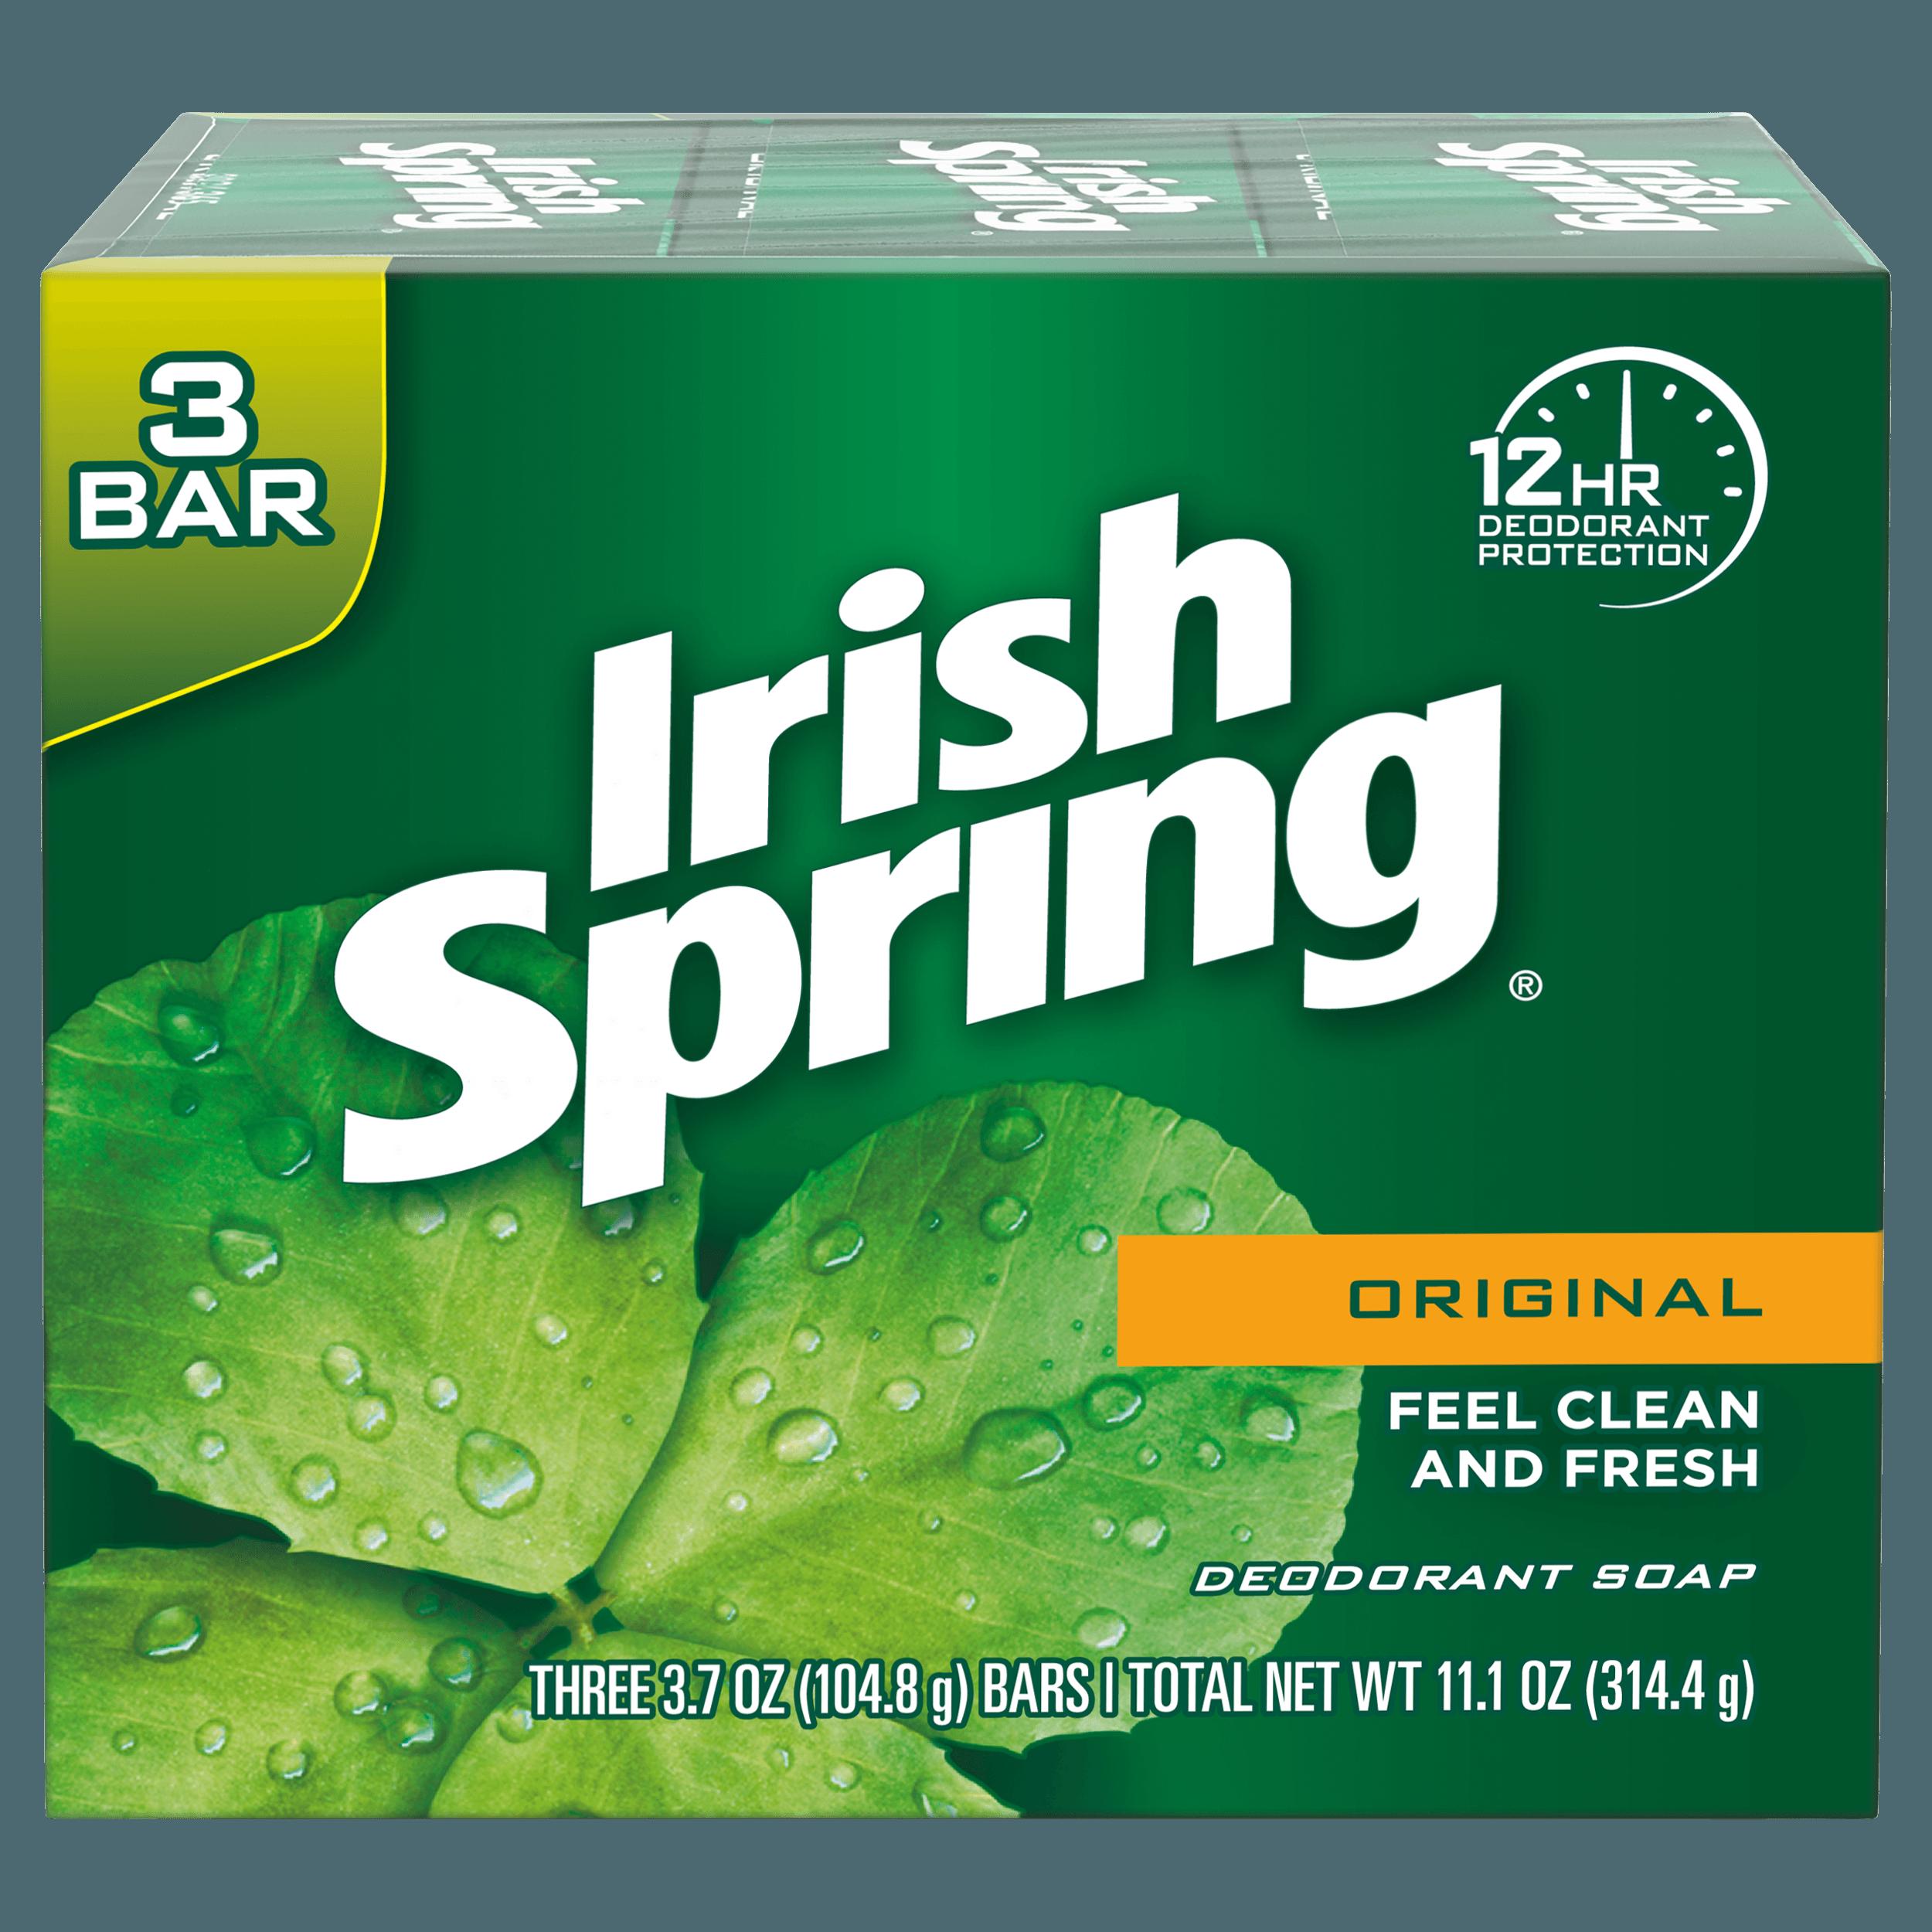 Irish Spring Original, Deodorant Bar Soap, 3.7 Ounce, 3 Bar Pack